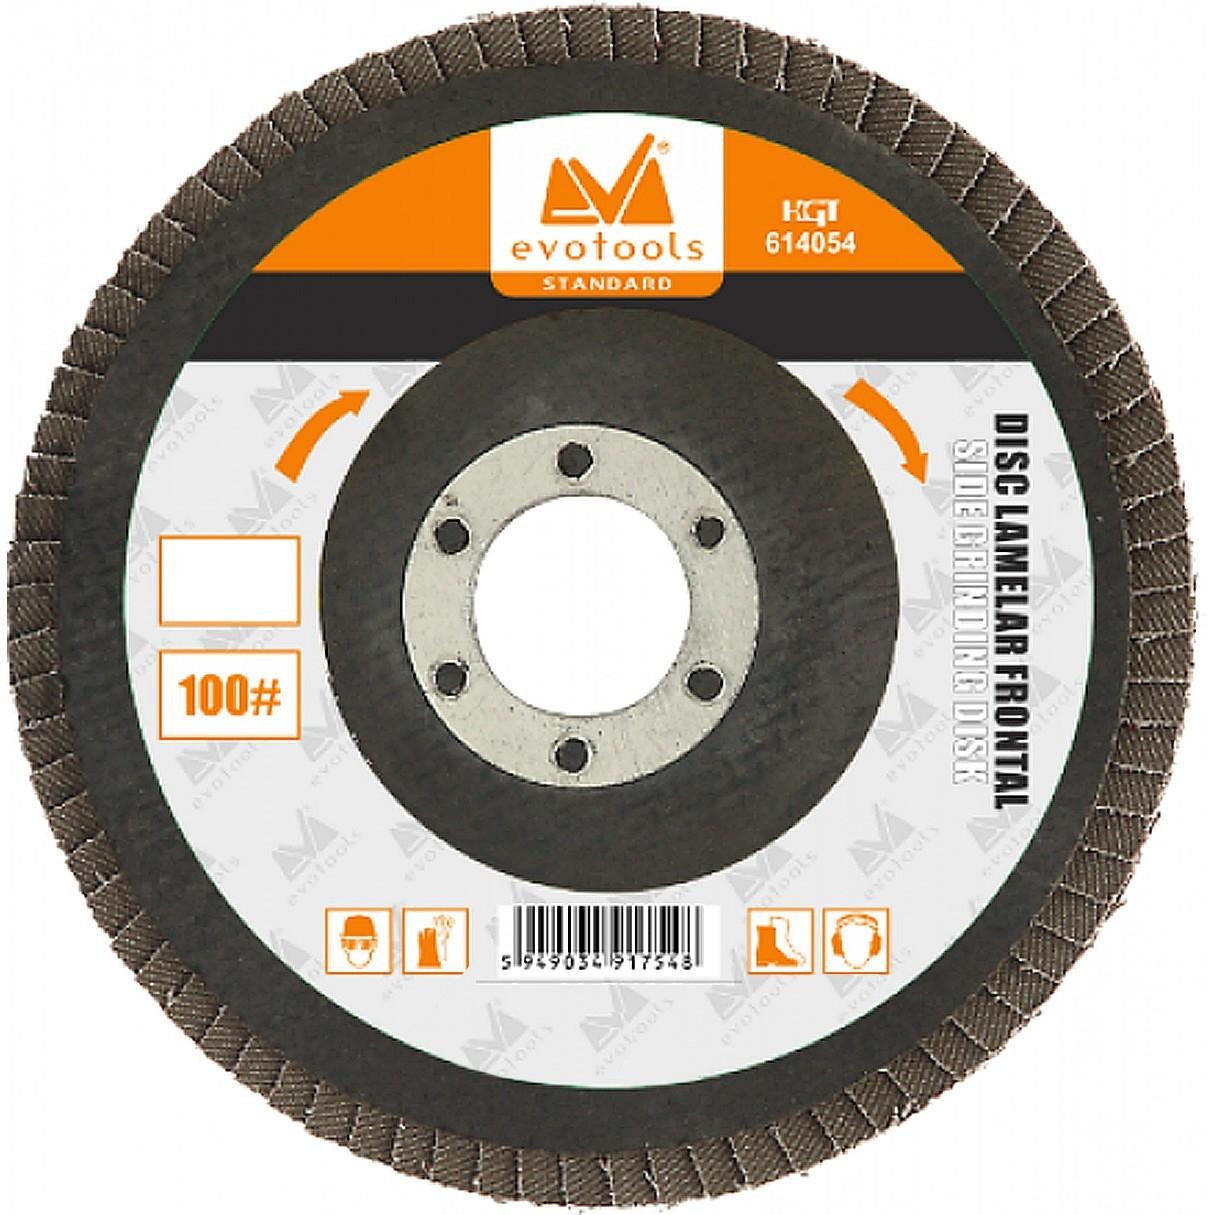 Disc lamelar frontal, D: 115 mm, G: 40 imagine techstar.ro 2021